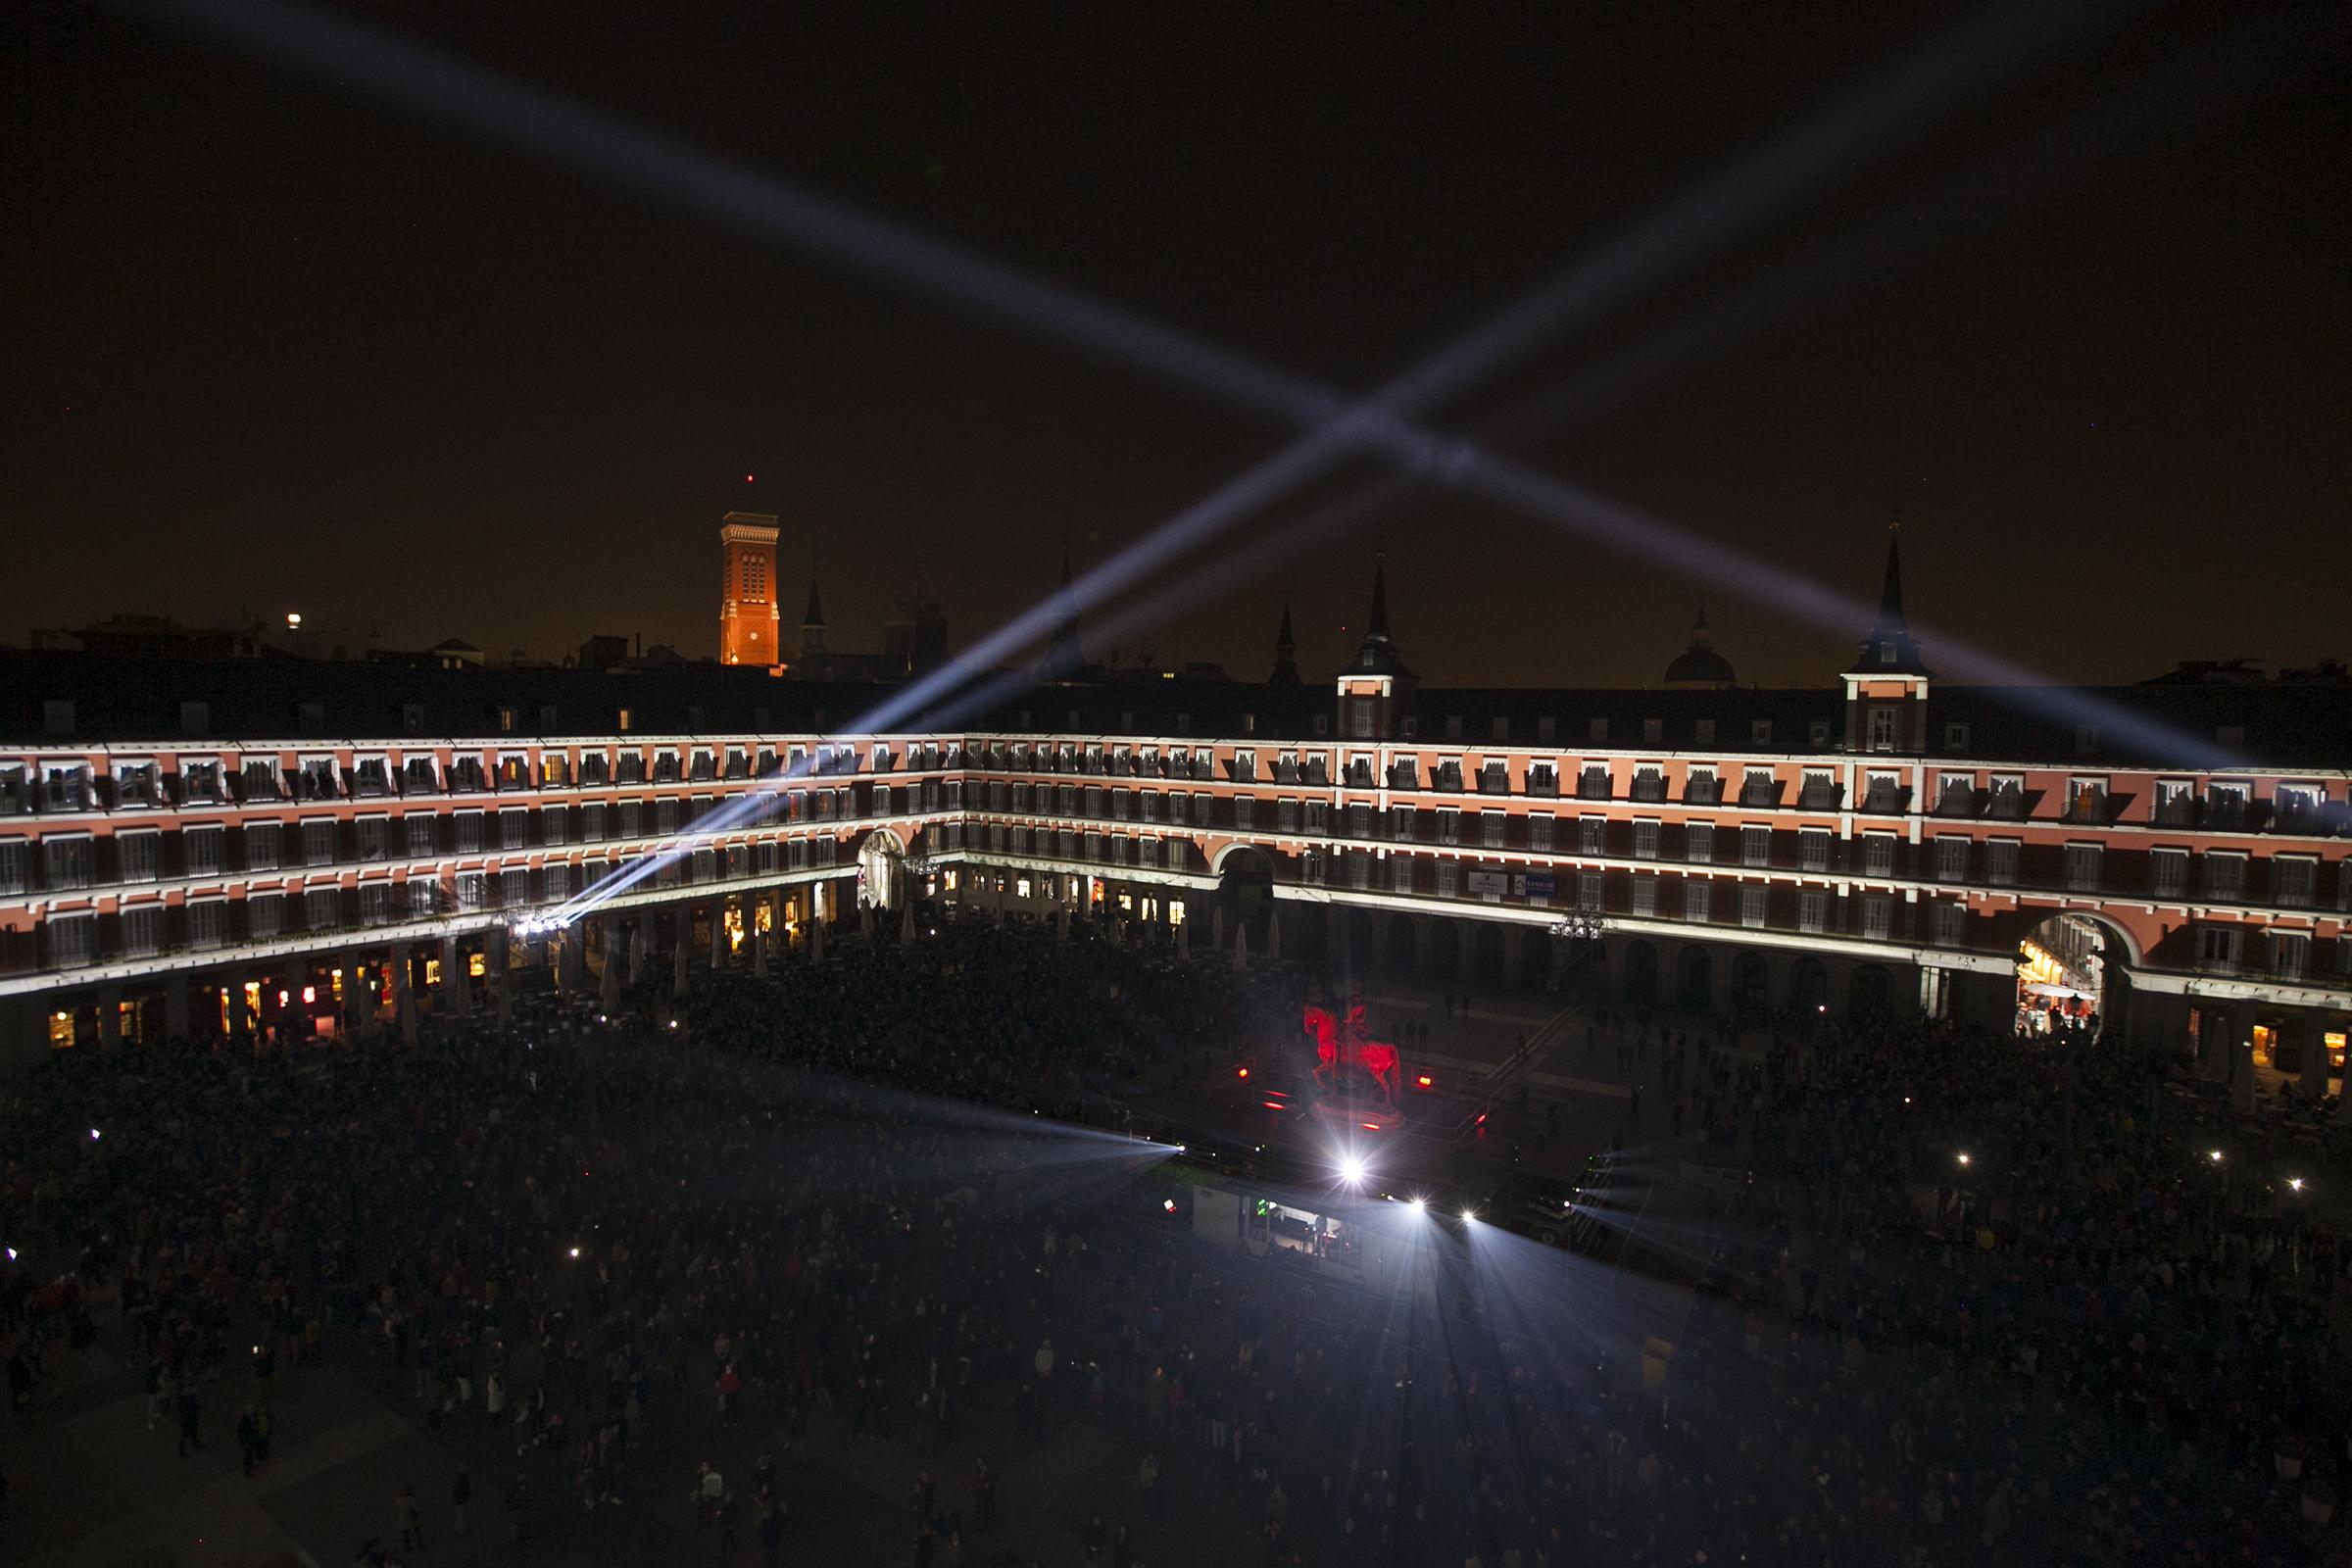 OTU_cinema_Plaza_Mayor_Madrid_Feb_2019_121